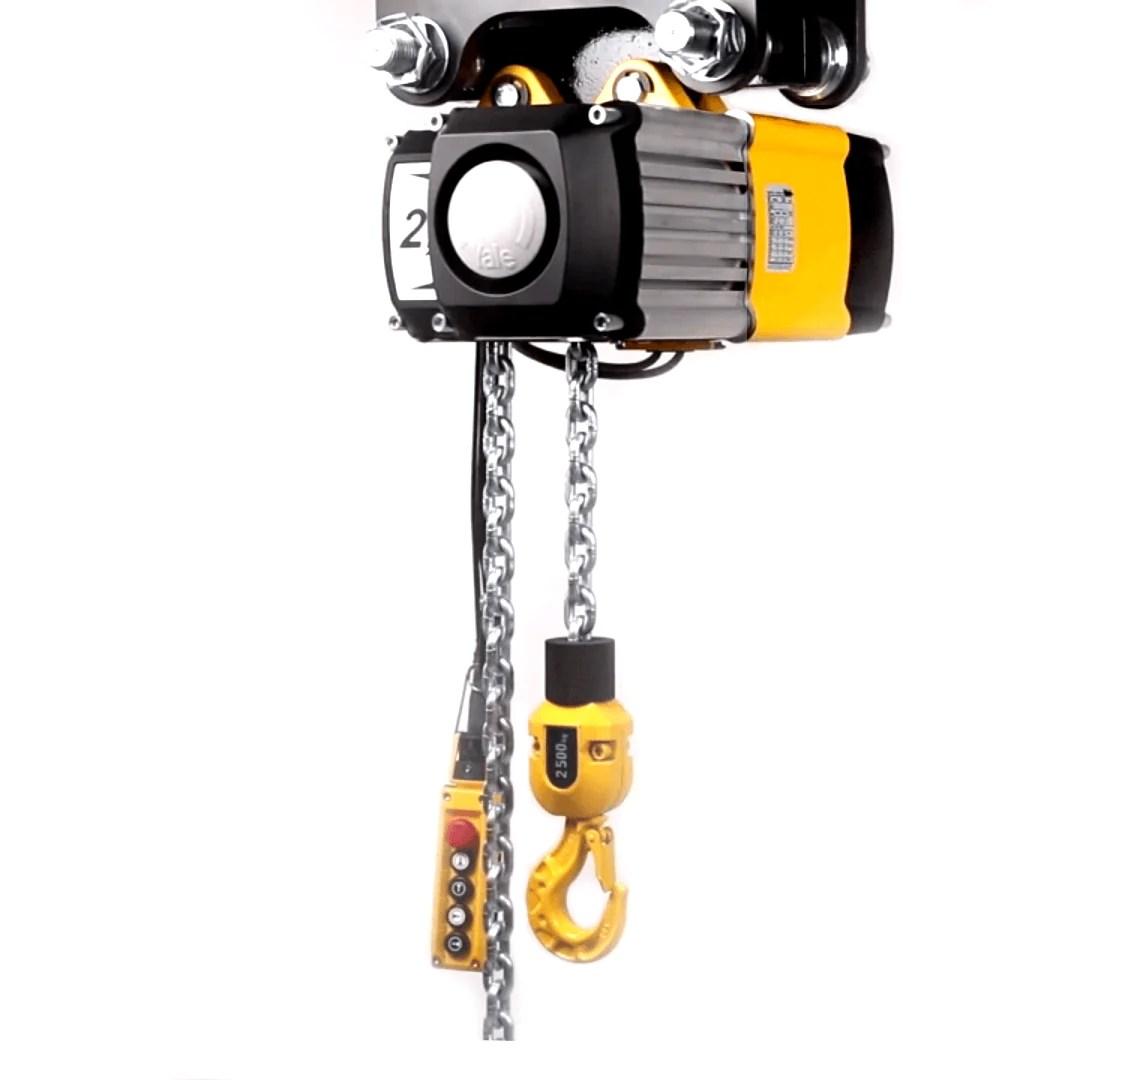 yale electric chain hoist 2 ton 4m min cpv cpvf  [ 1133 x 1080 Pixel ]